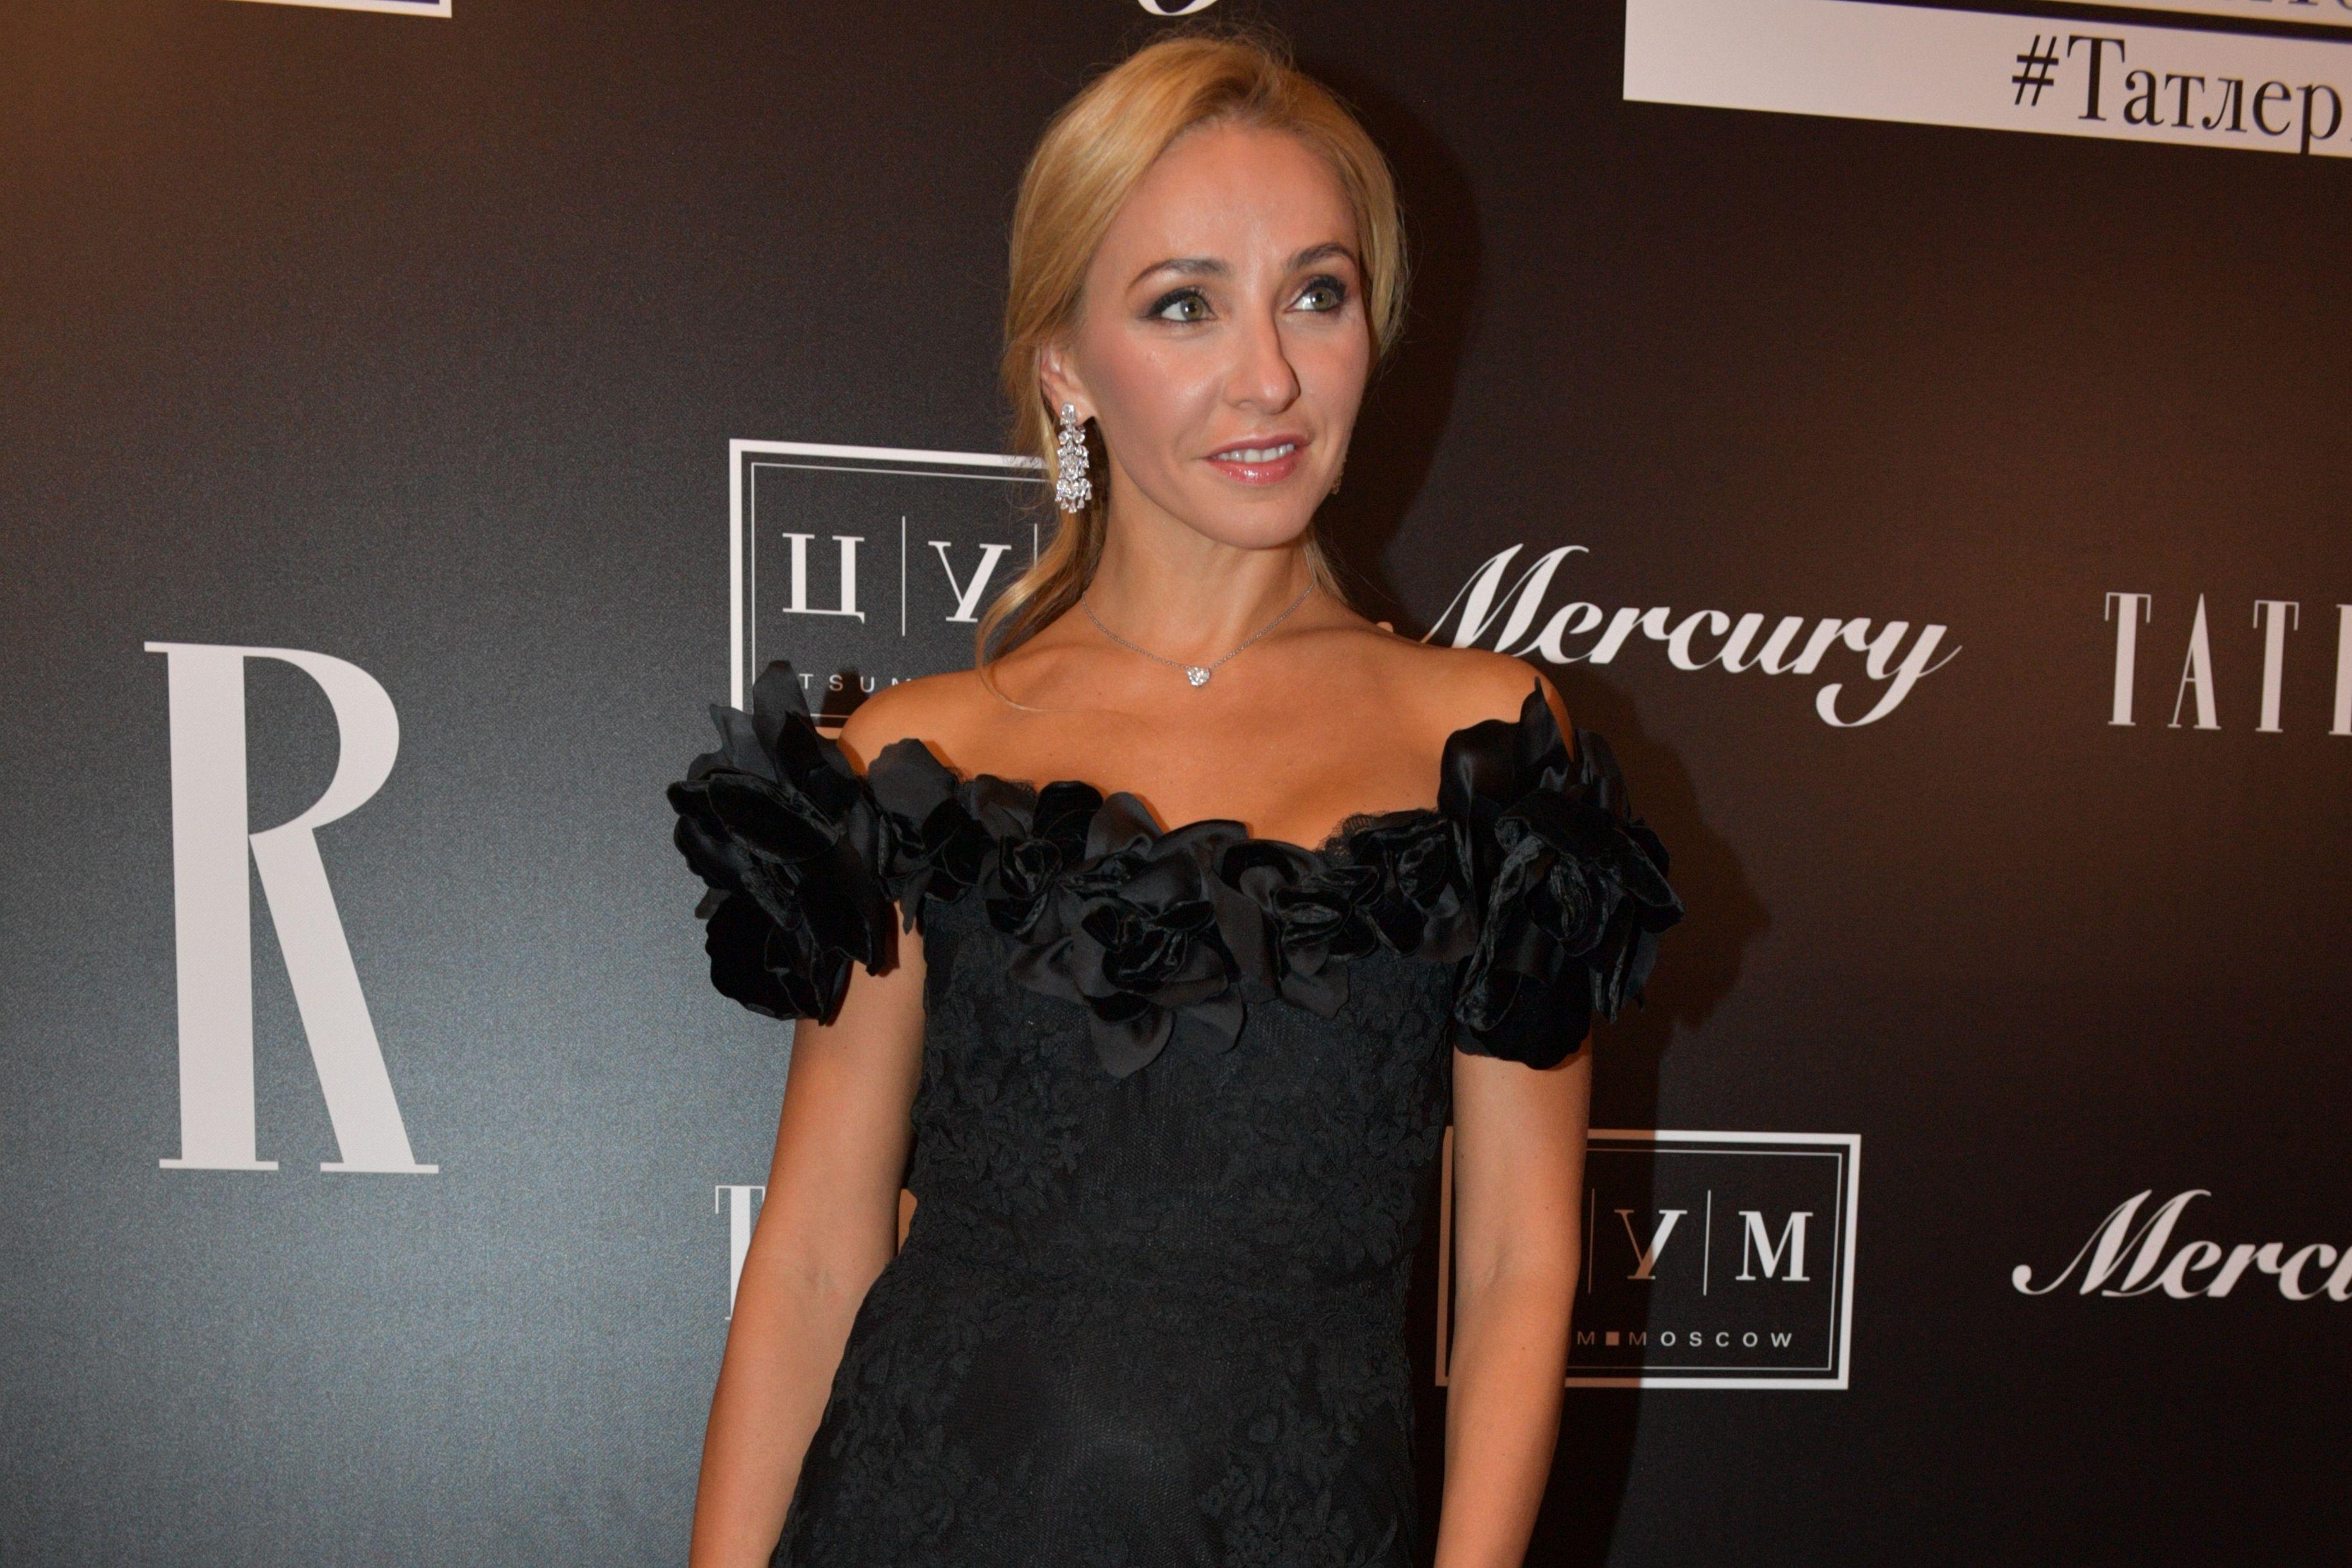 Навка перенесла свои шоу из-за новых ограничений в Москве